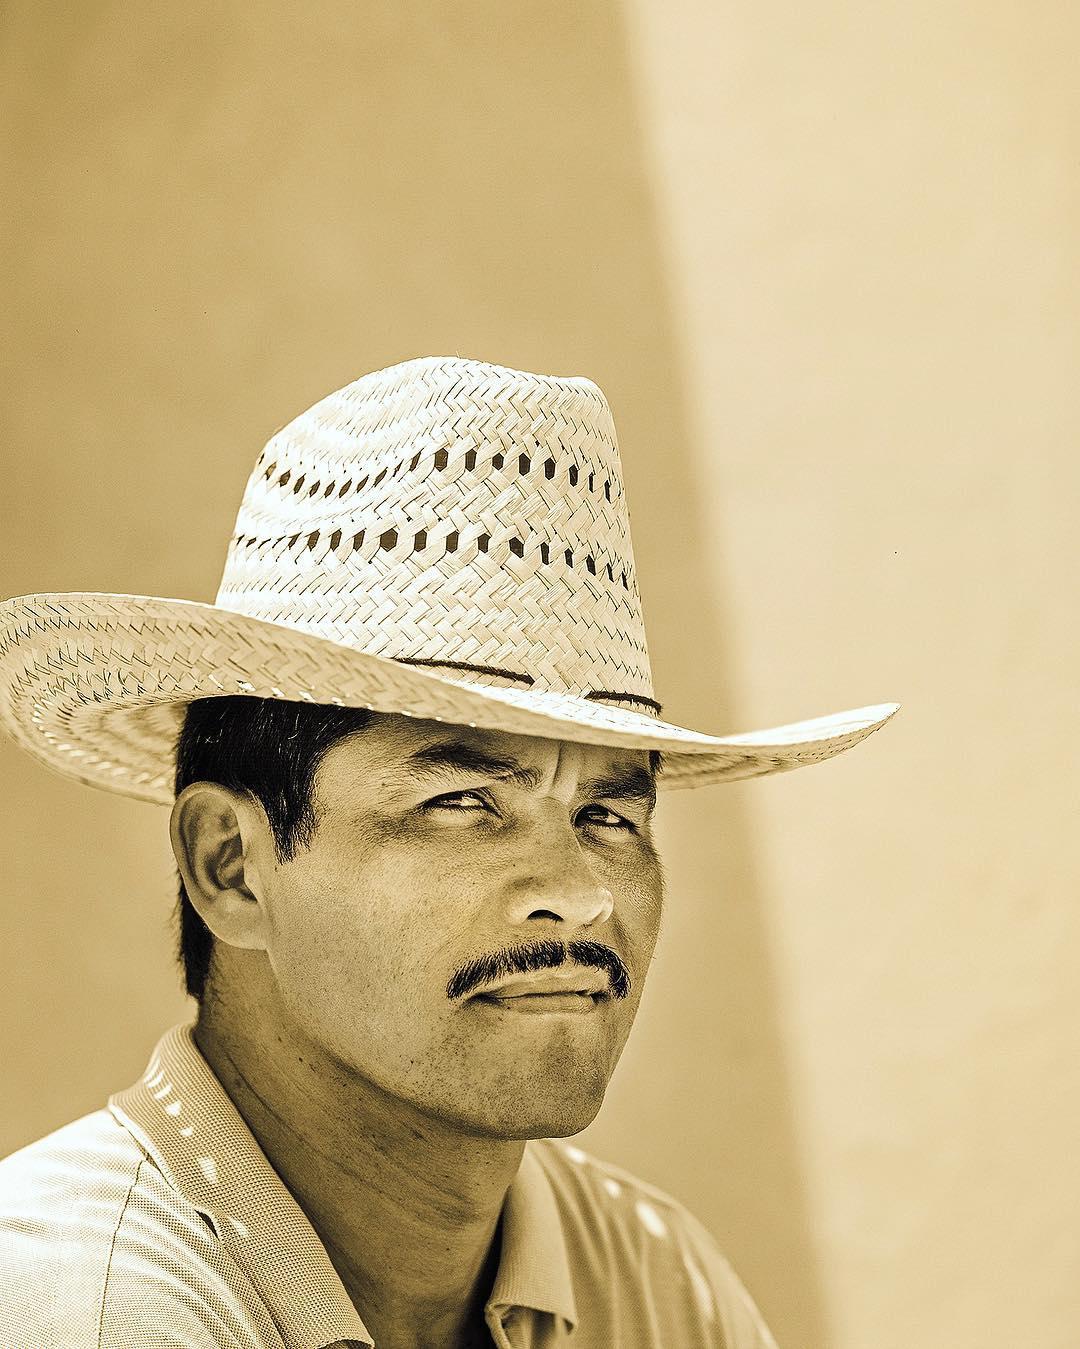 нужно мексиканский актер с усами фото и названия этого